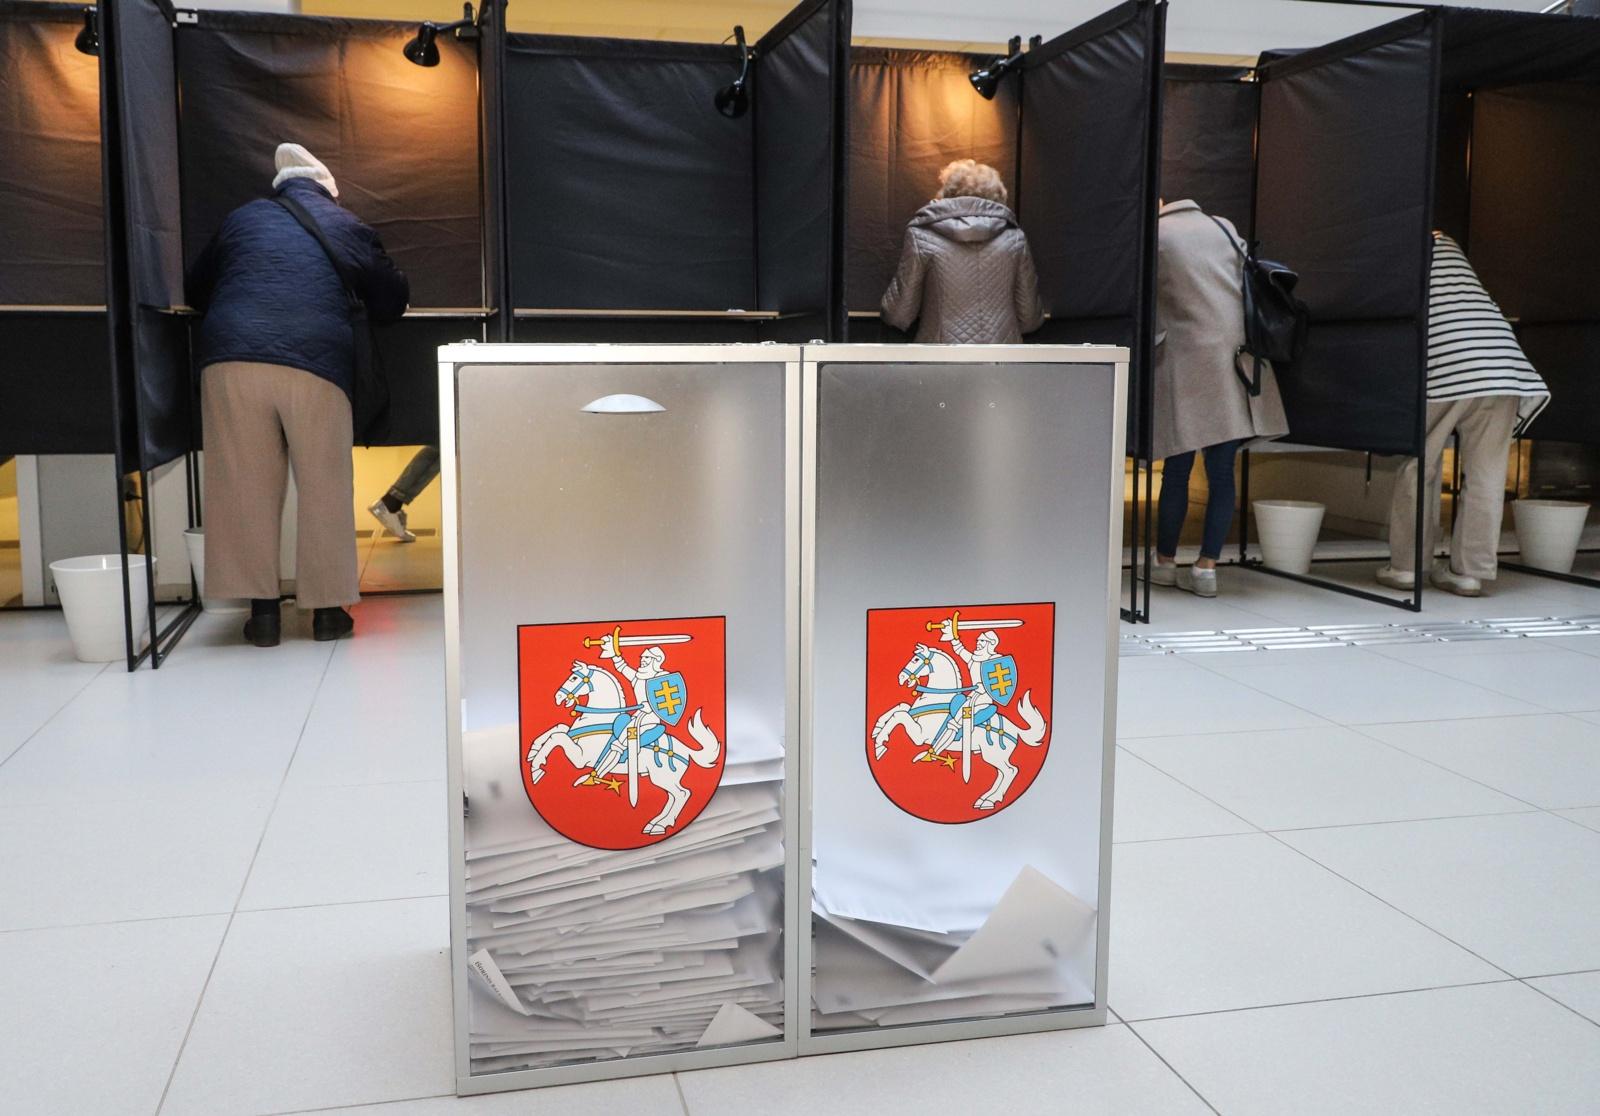 Prezidento rinkimai: kas sulaukė daugiausia balsų Klaipėdos apskrityje?